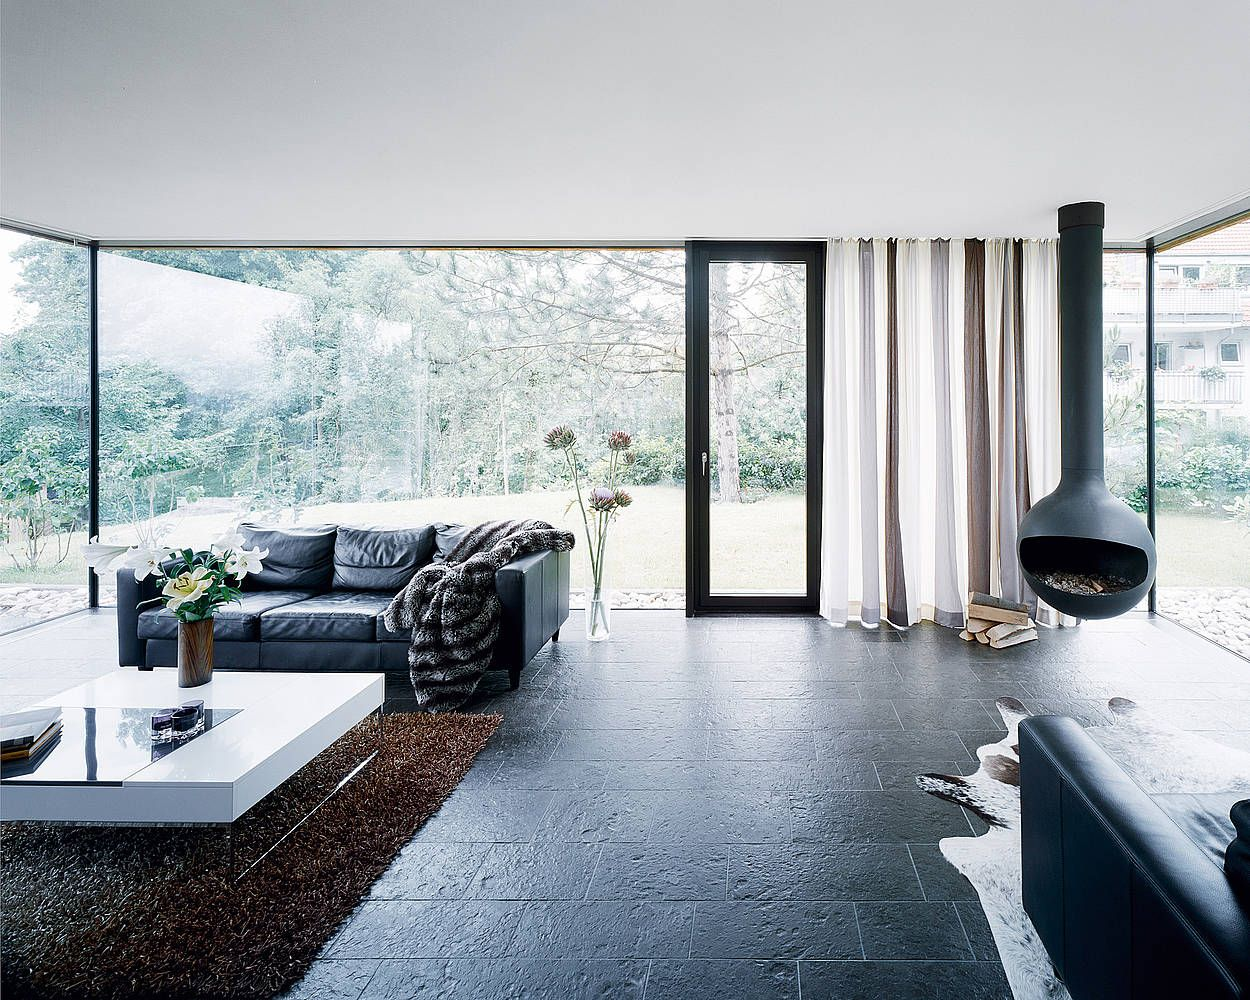 Wohnzimmer und Kaminzimmer mit umlaufender Glasfront ...